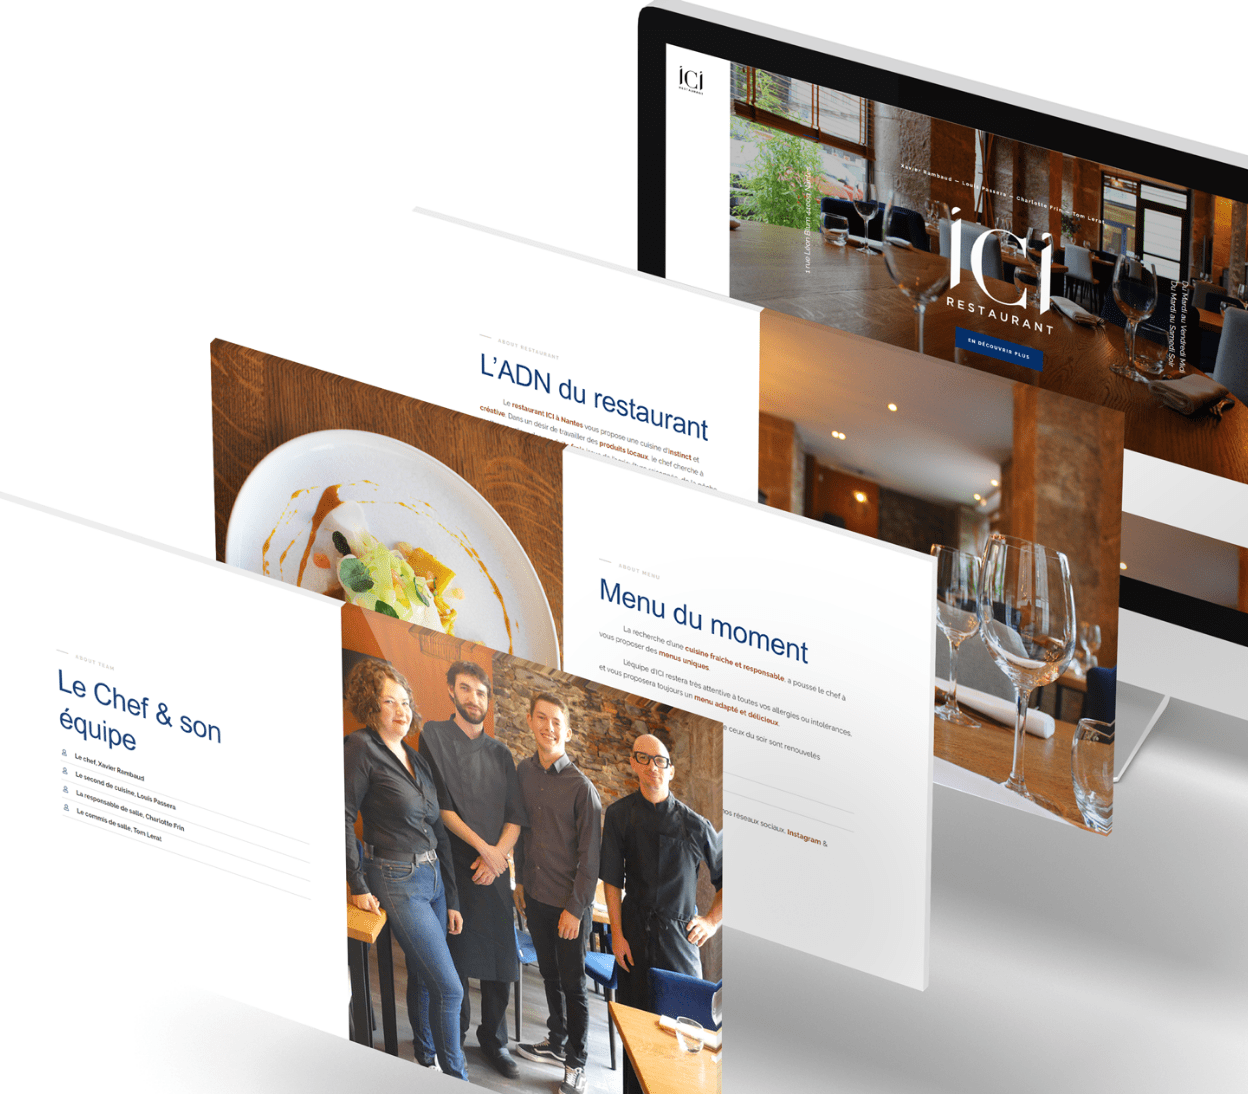 Restaurant ICI 3 - Arnaud Le Roux - Directeur Artistique Digital & Développeur Front-End